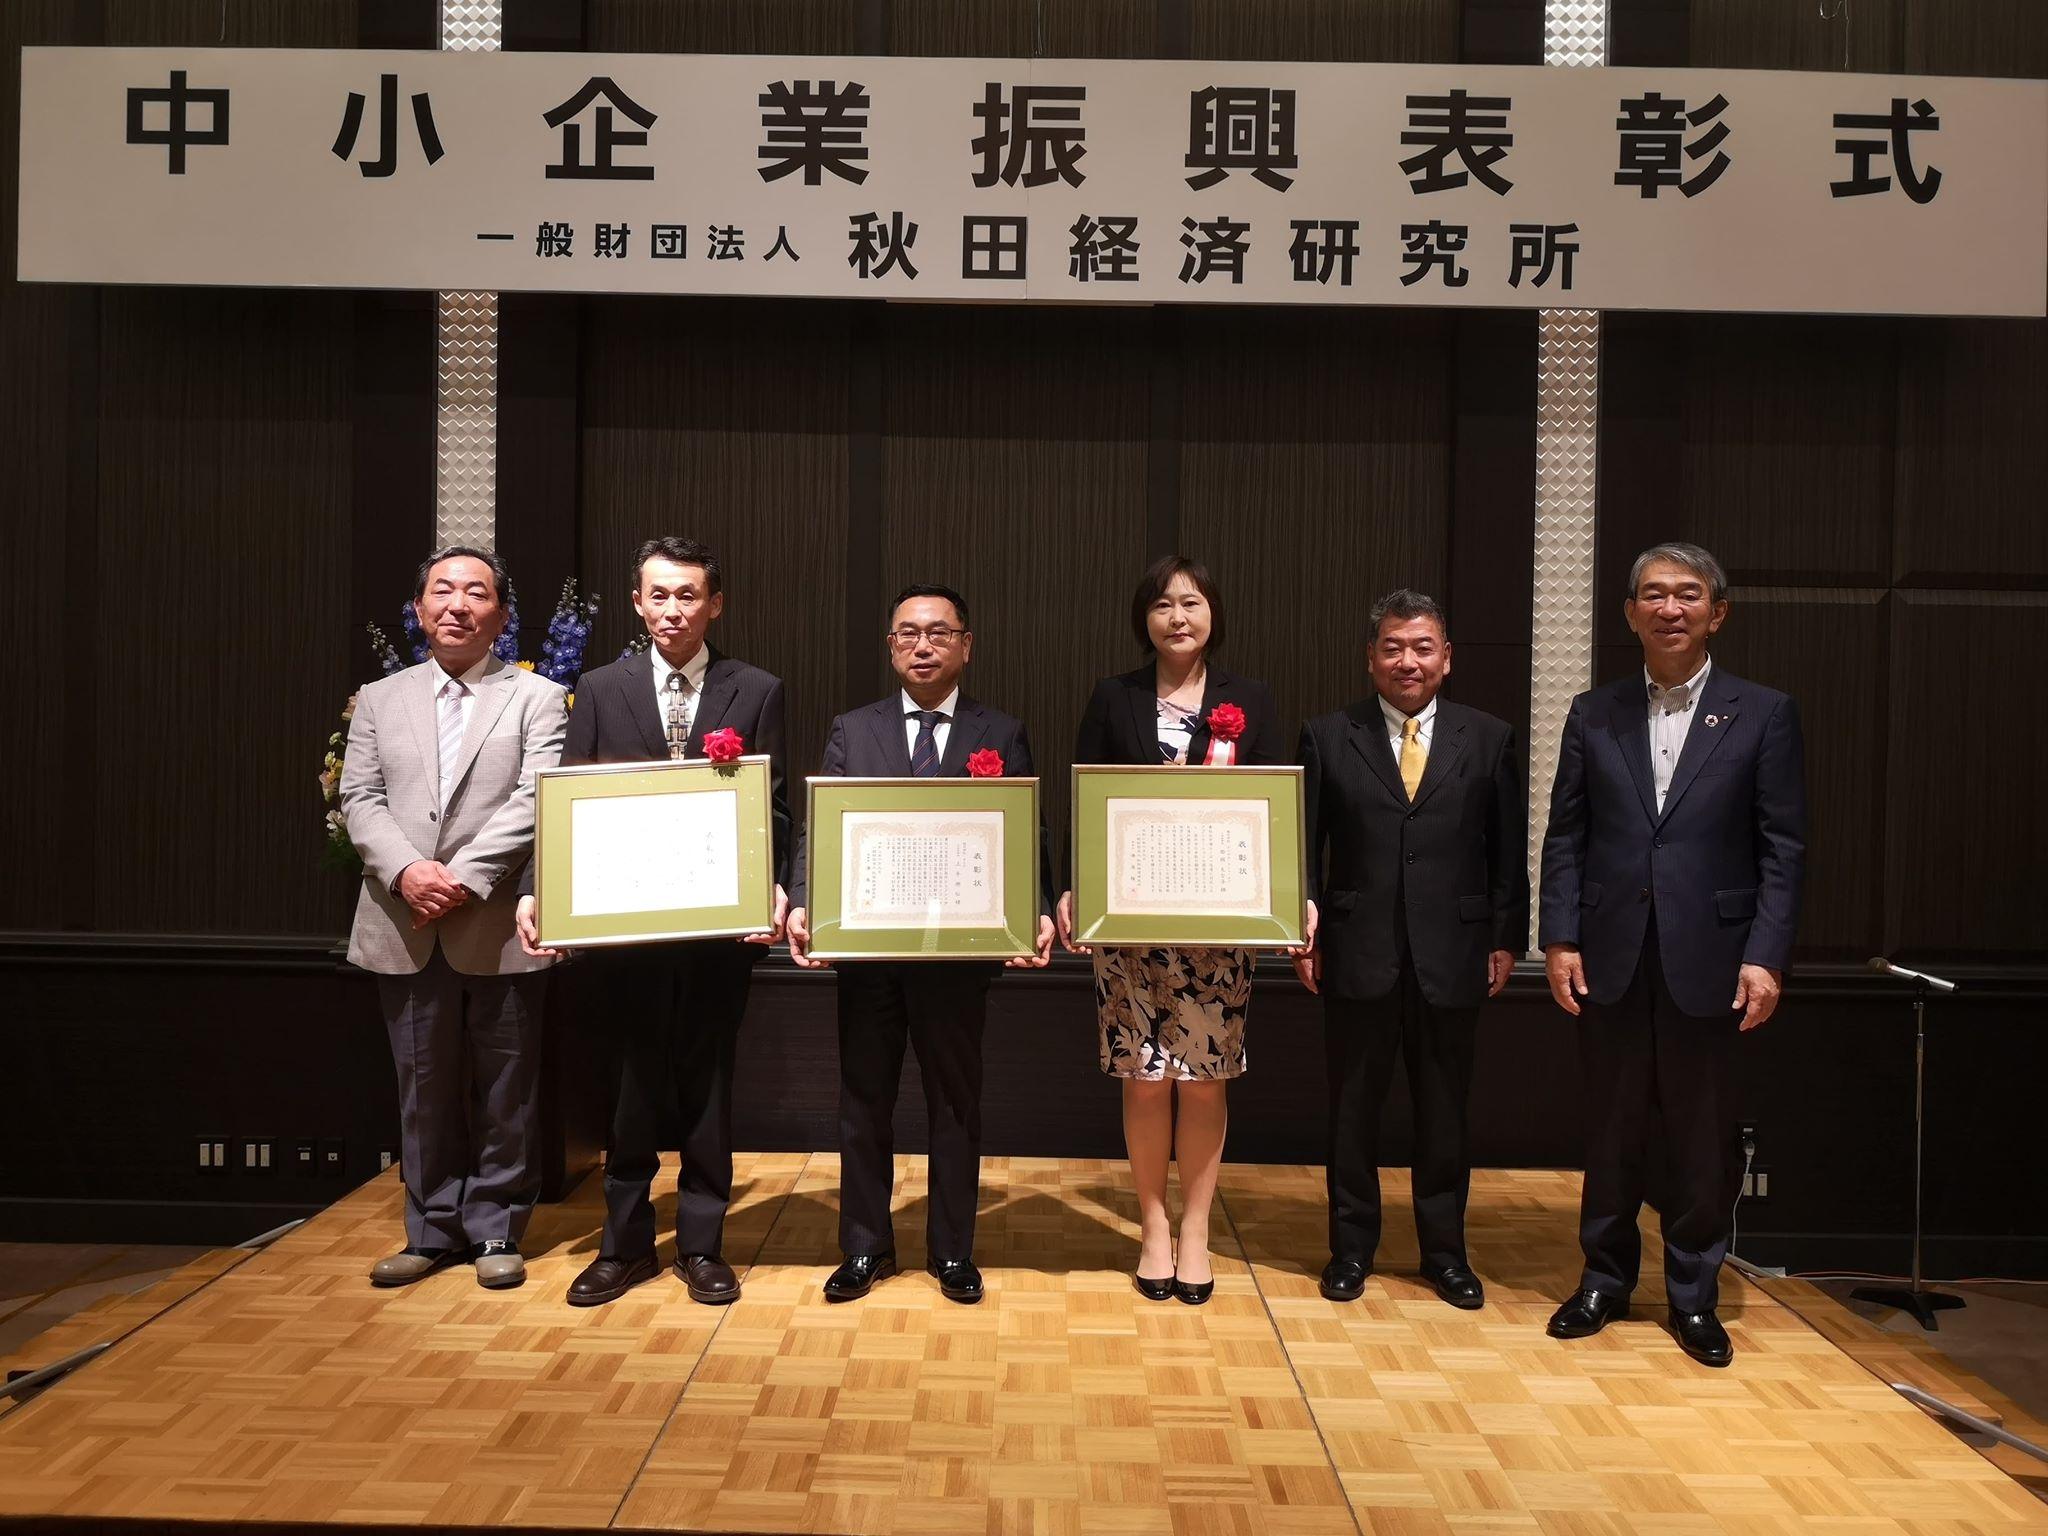 中小企業振興表彰式